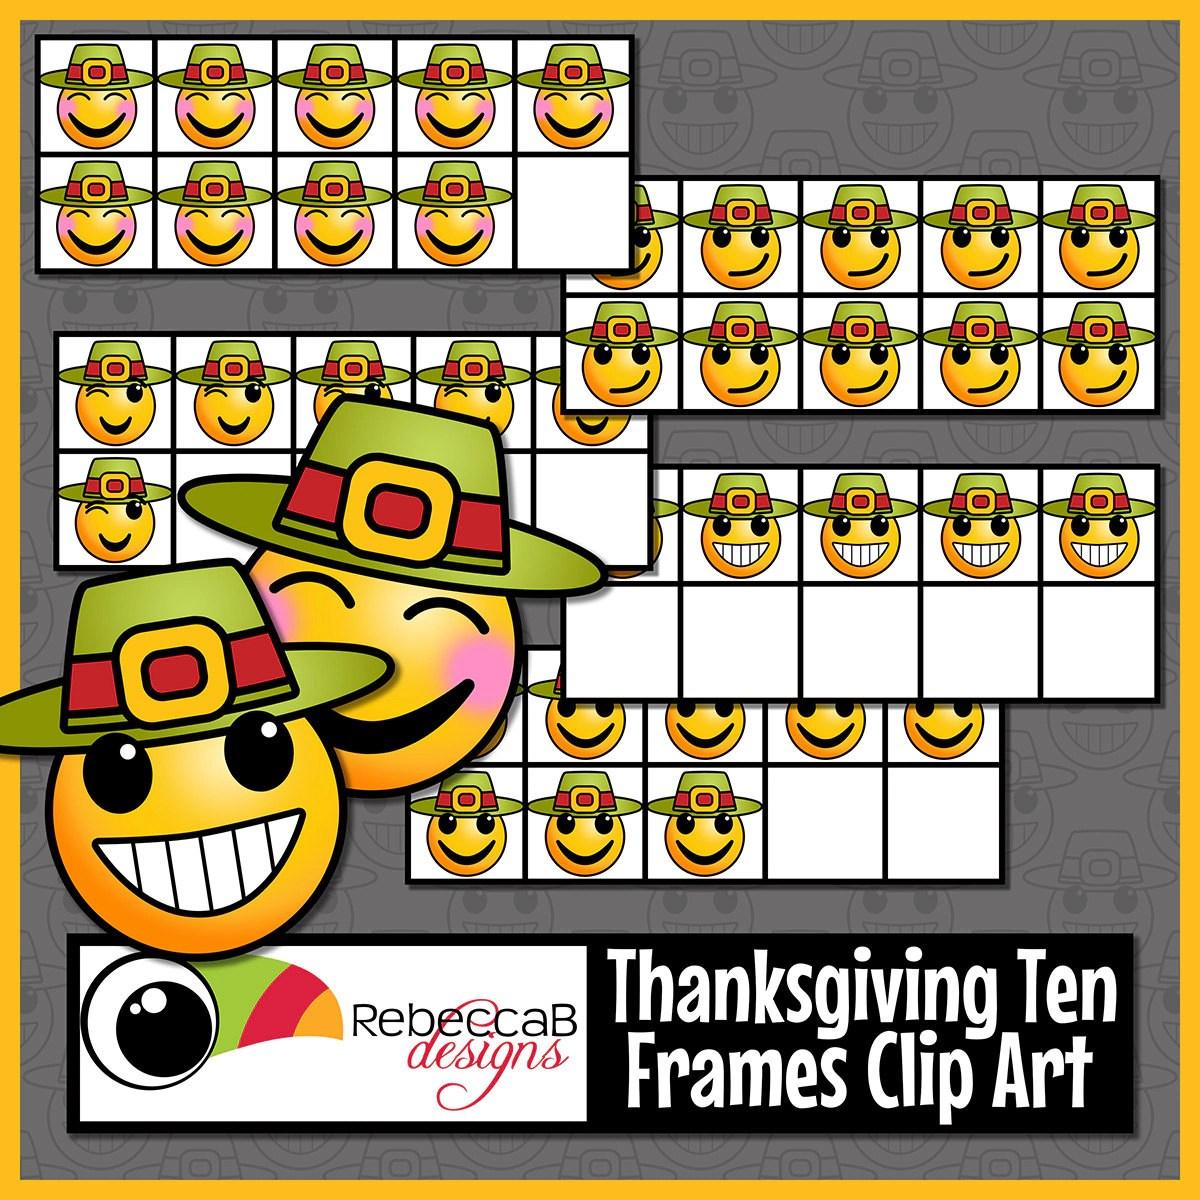 Thanksgiving Ten Frames Clip Art Thanksgiving Clip Art Emoji